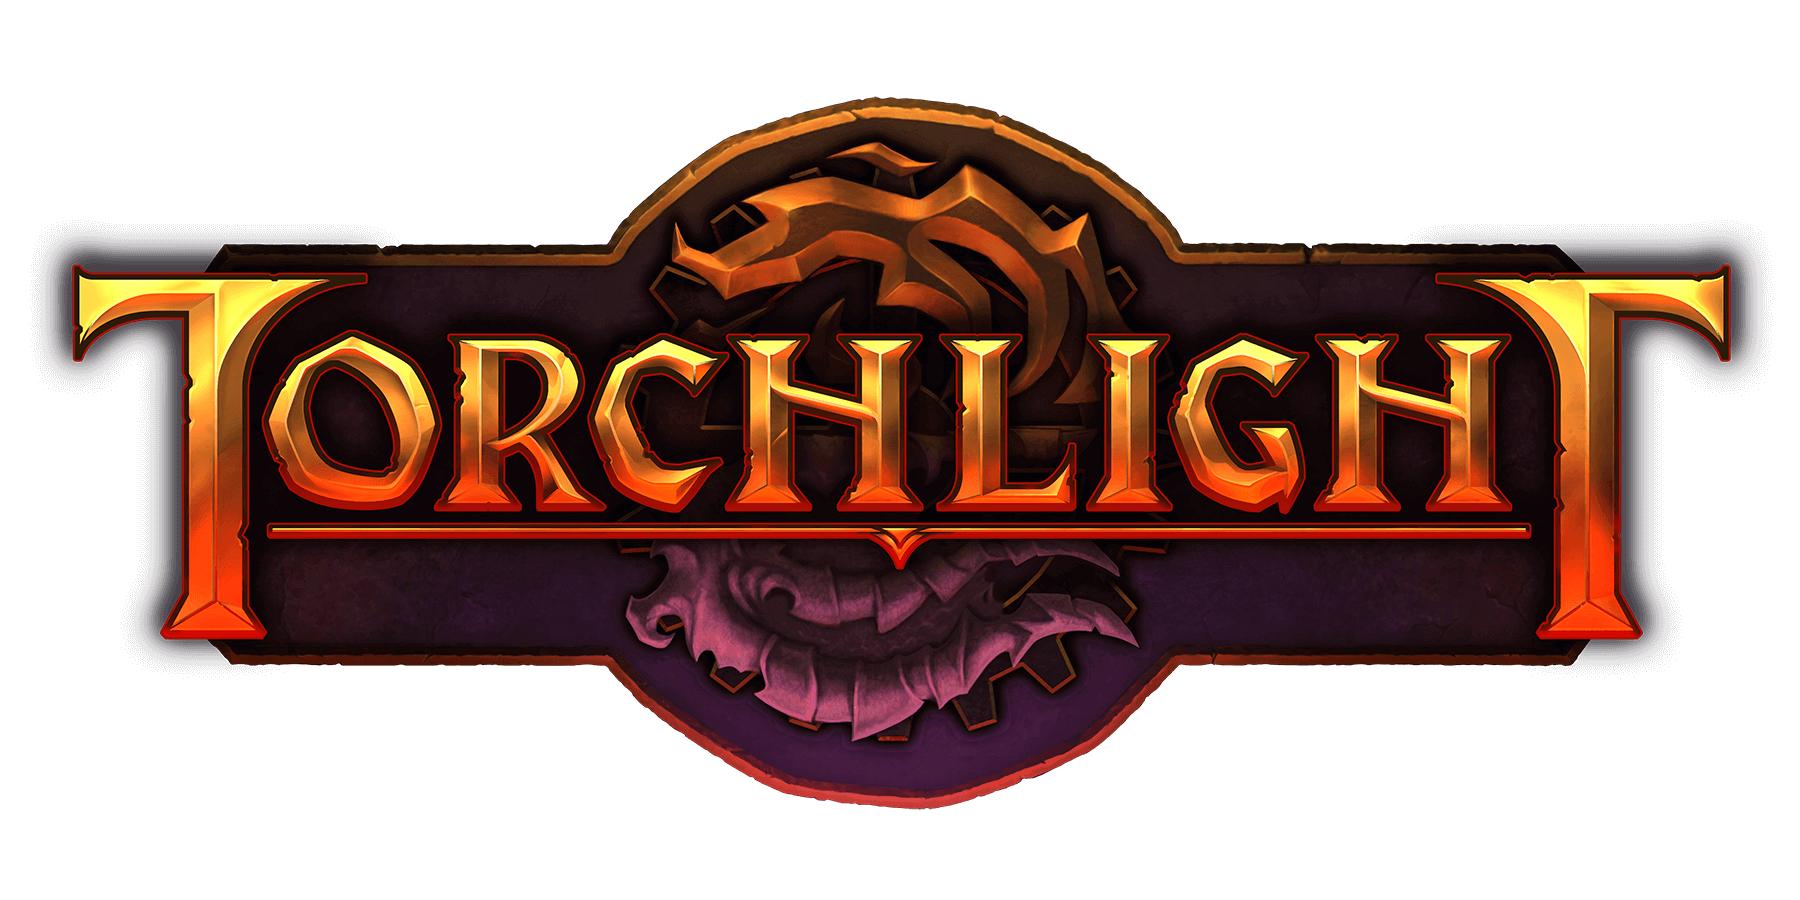 Epic Games: Torchlight (Gratis del 11 al 18 de julio)